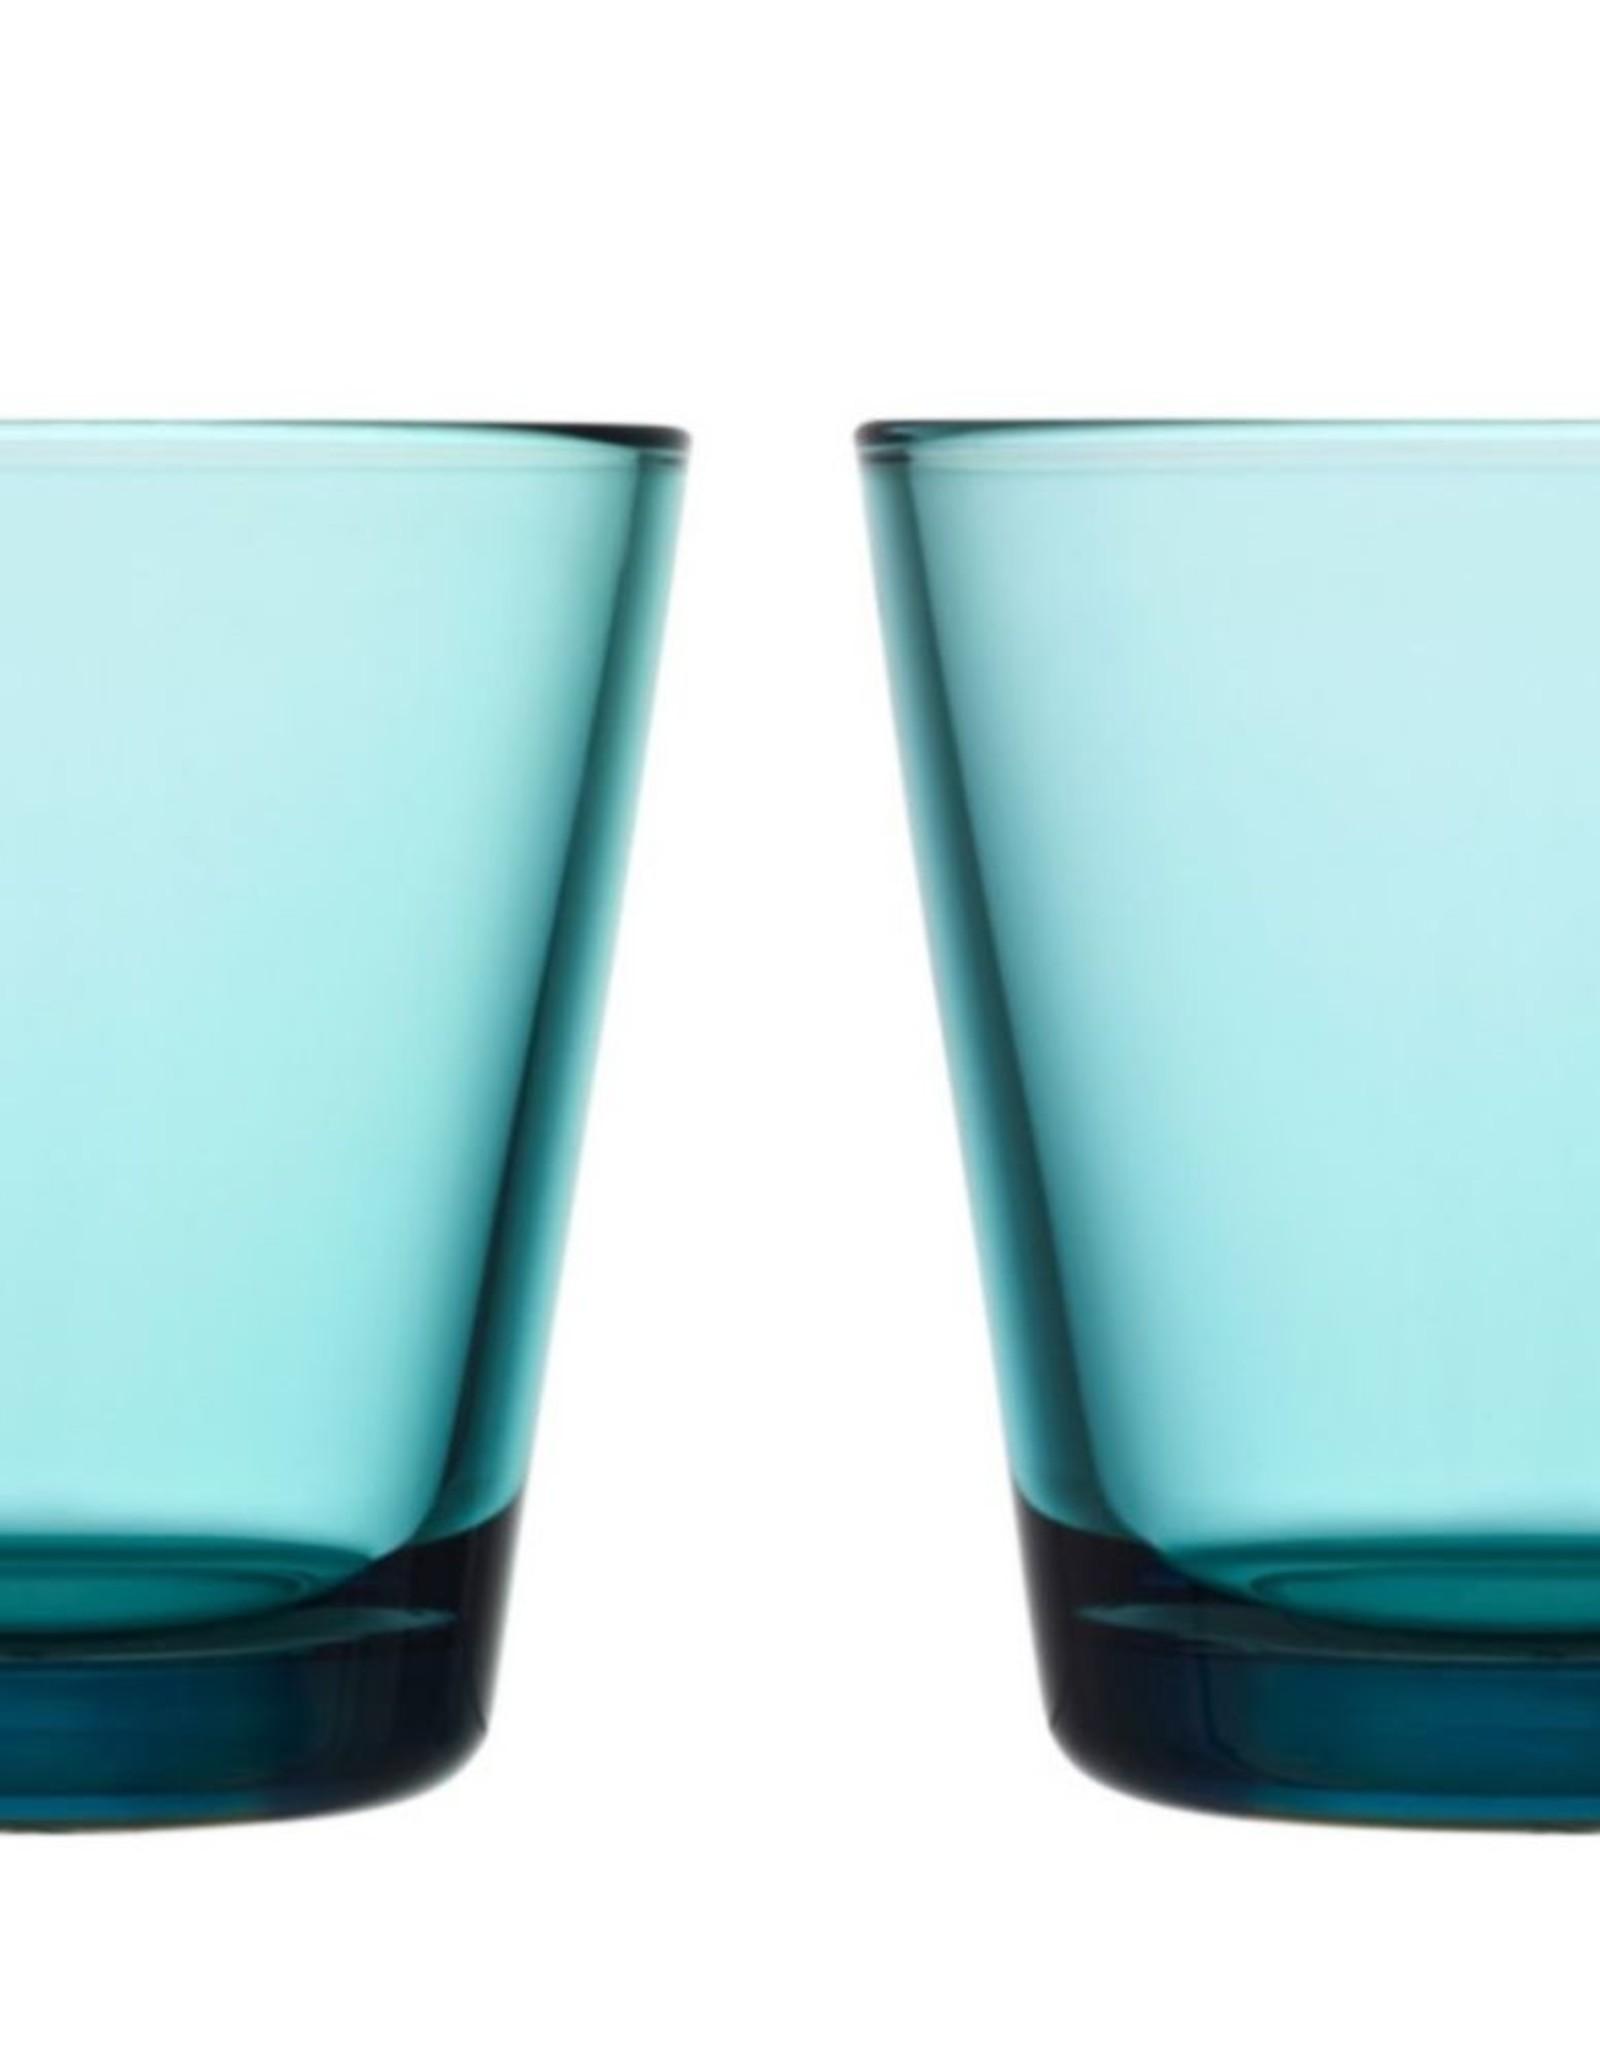 Iittala Iittala Kartio Glas - 21 cl - Zeeblauw - 2 stuks